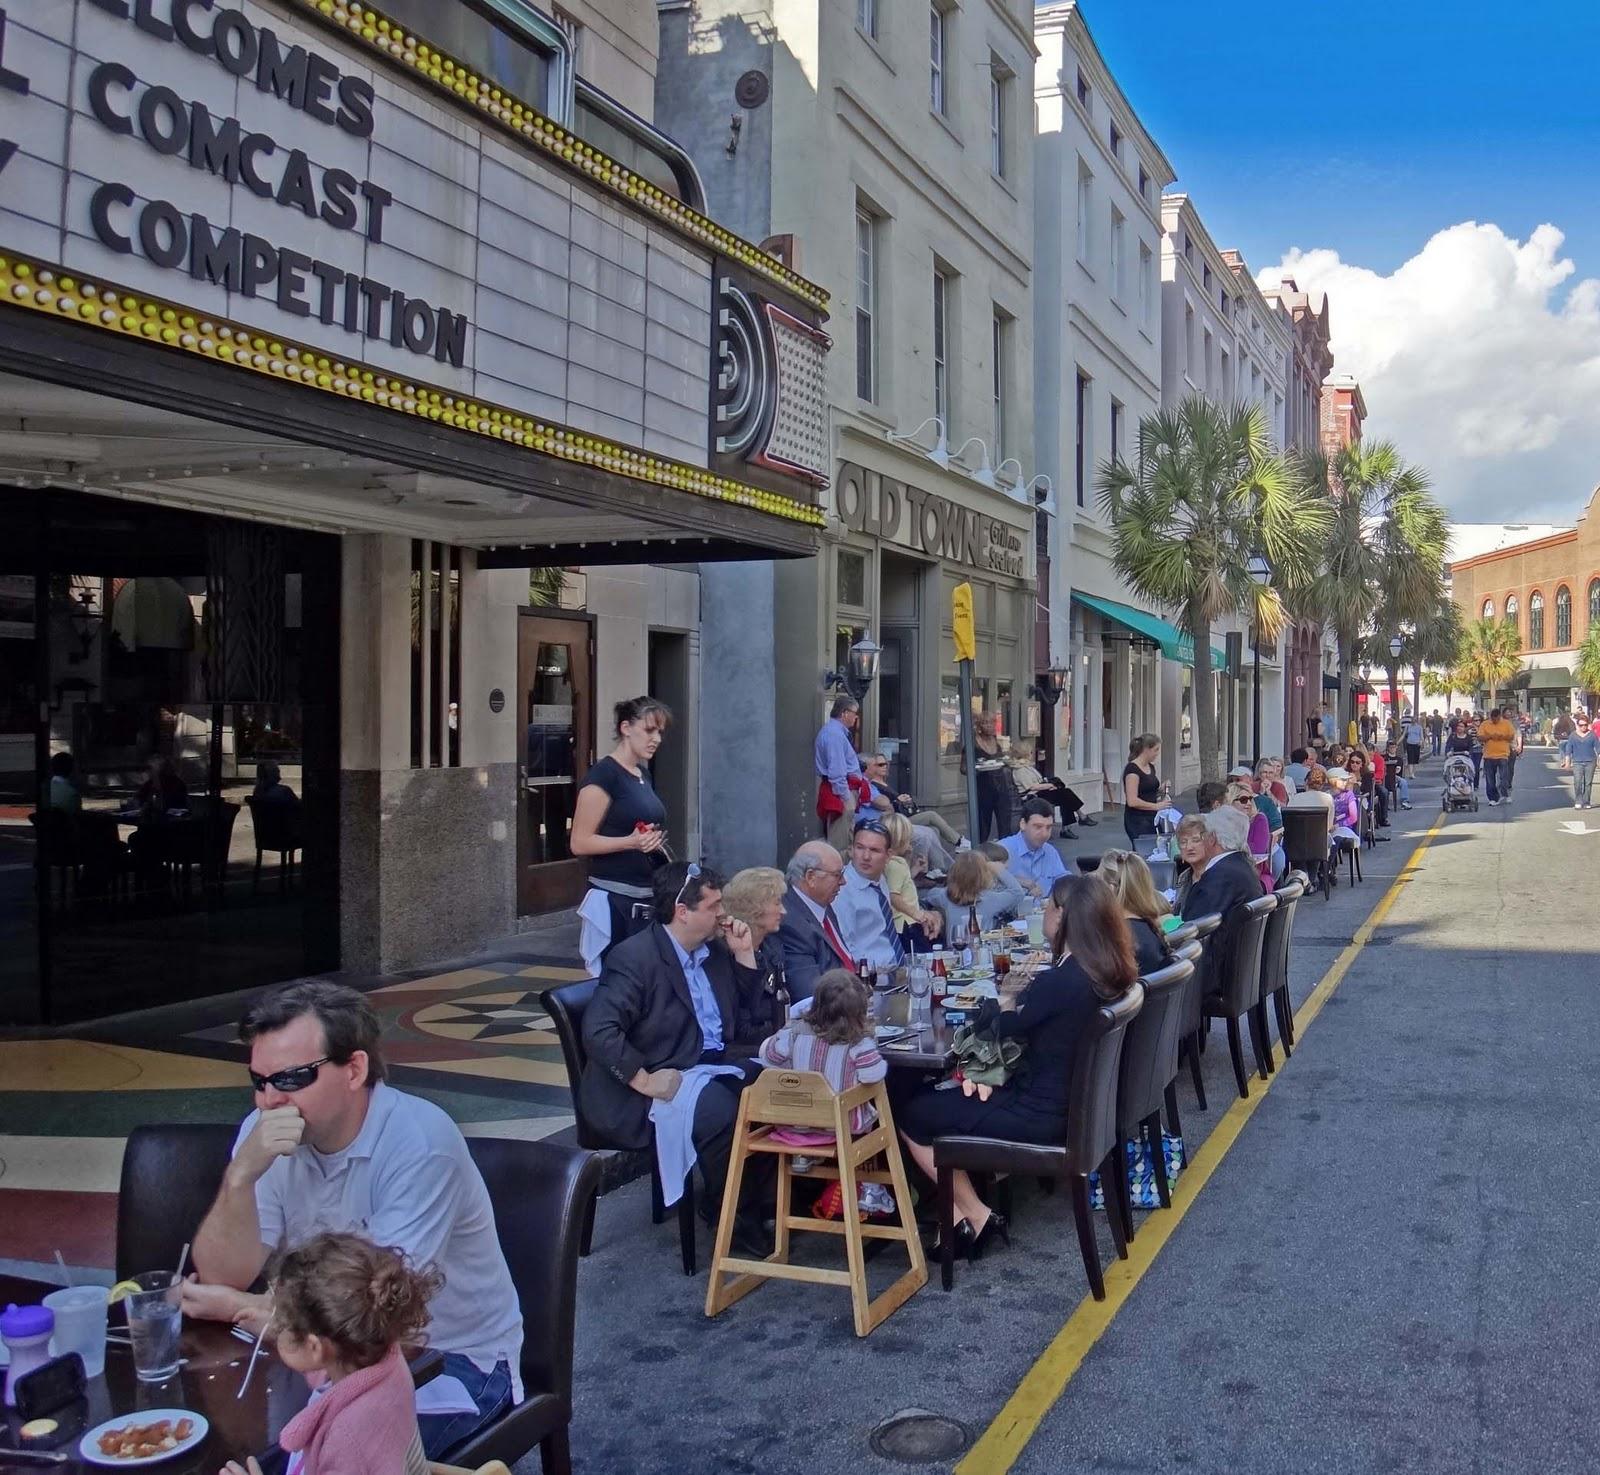 King St Charleston Sc: Joe's Retirement Blog: King Street For Pedestrians